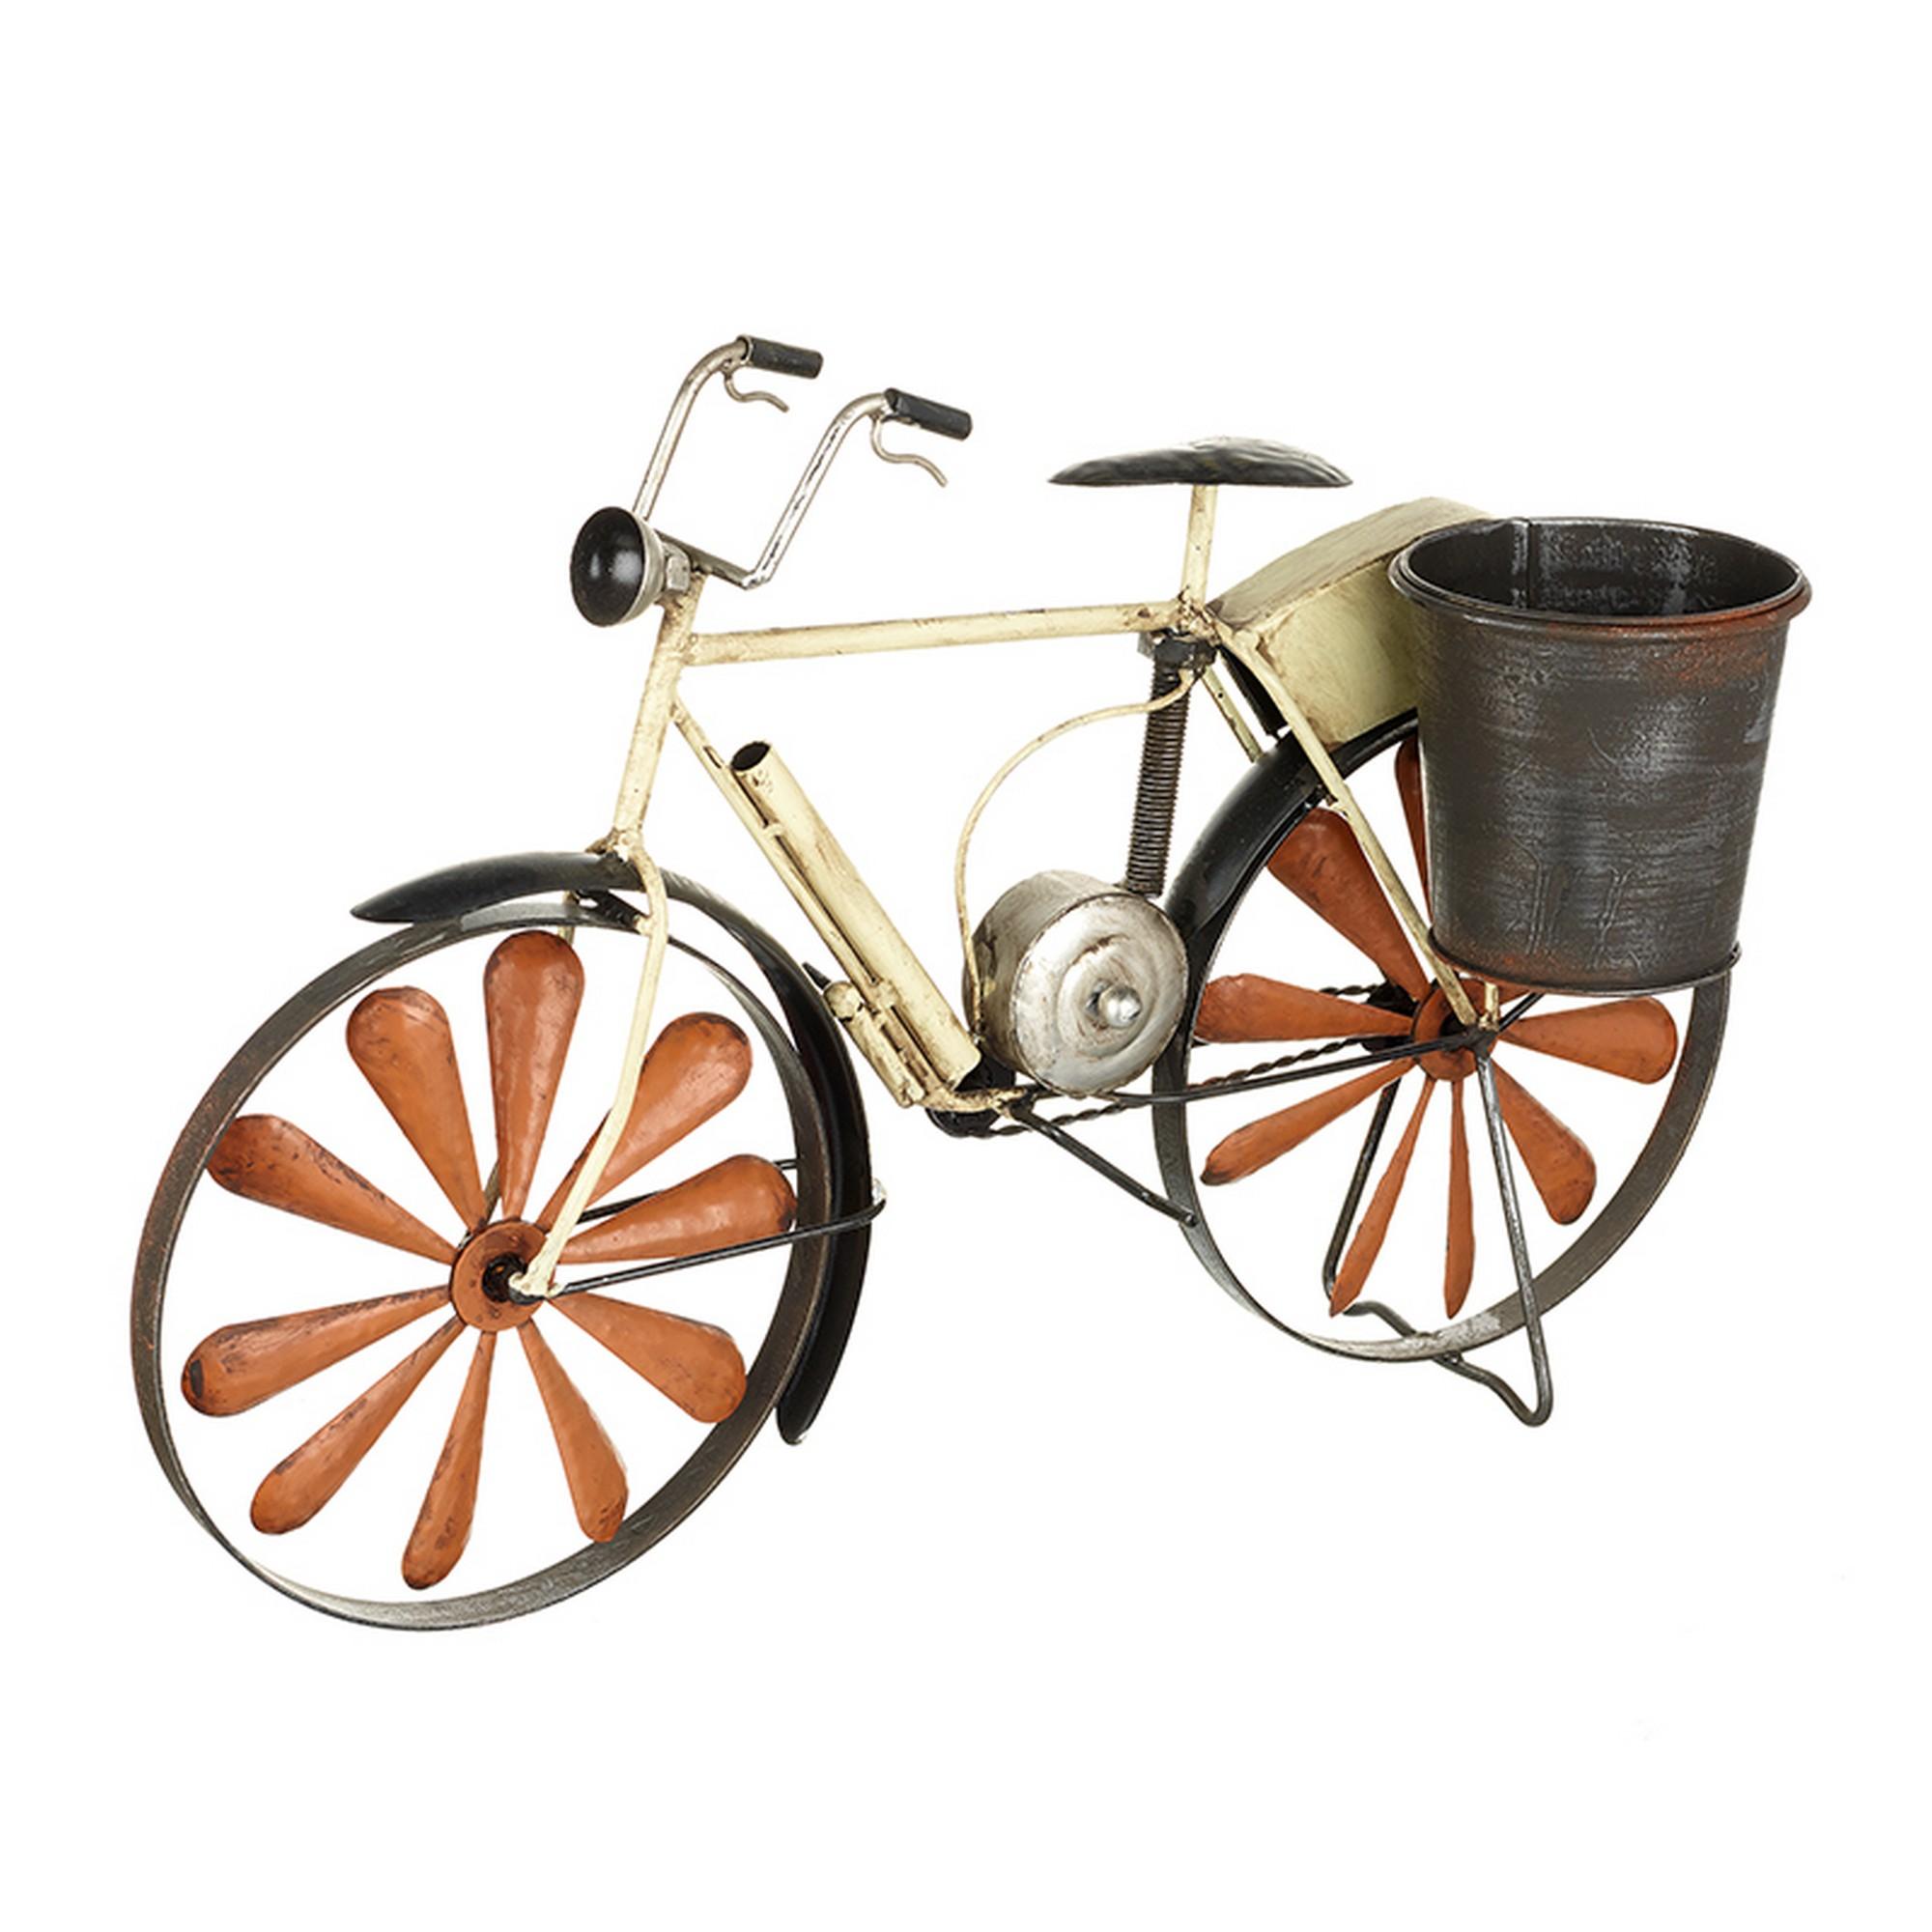 Heaven sends macetero con soporte en forma de bicicleta ebay - Bicicleta macetero ...